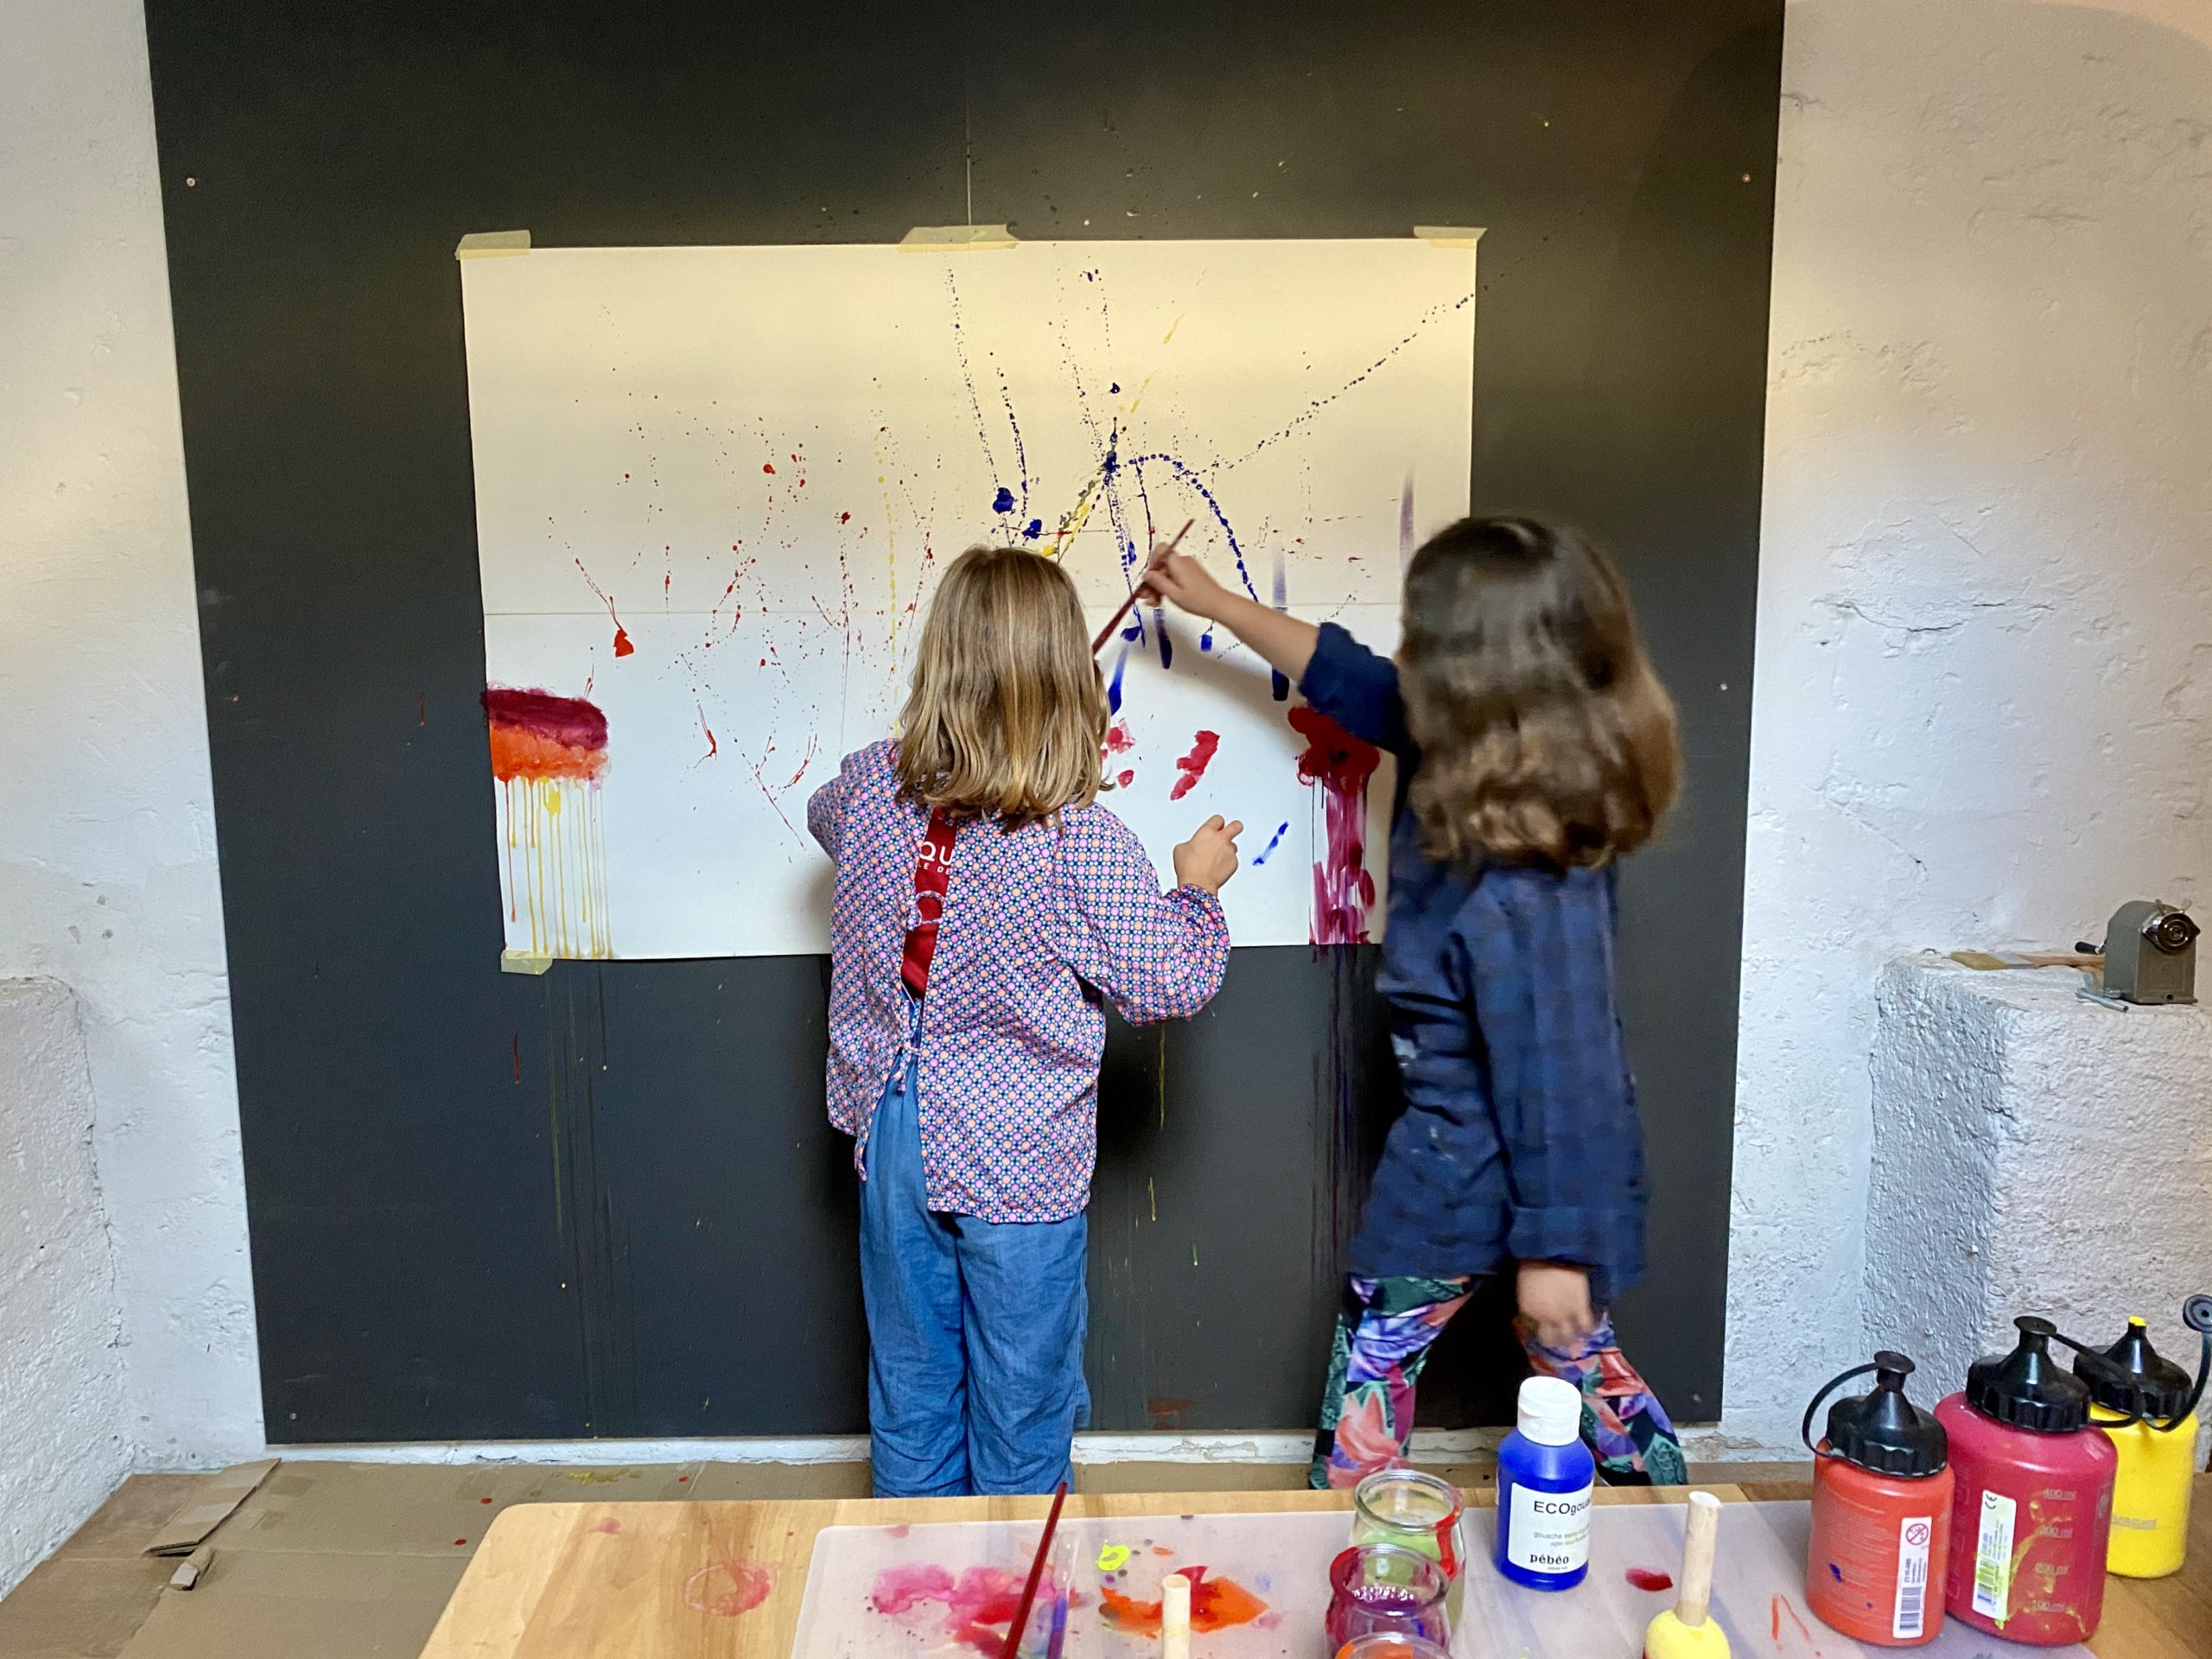 Séance d'art-thérapie en groupe pour enfants